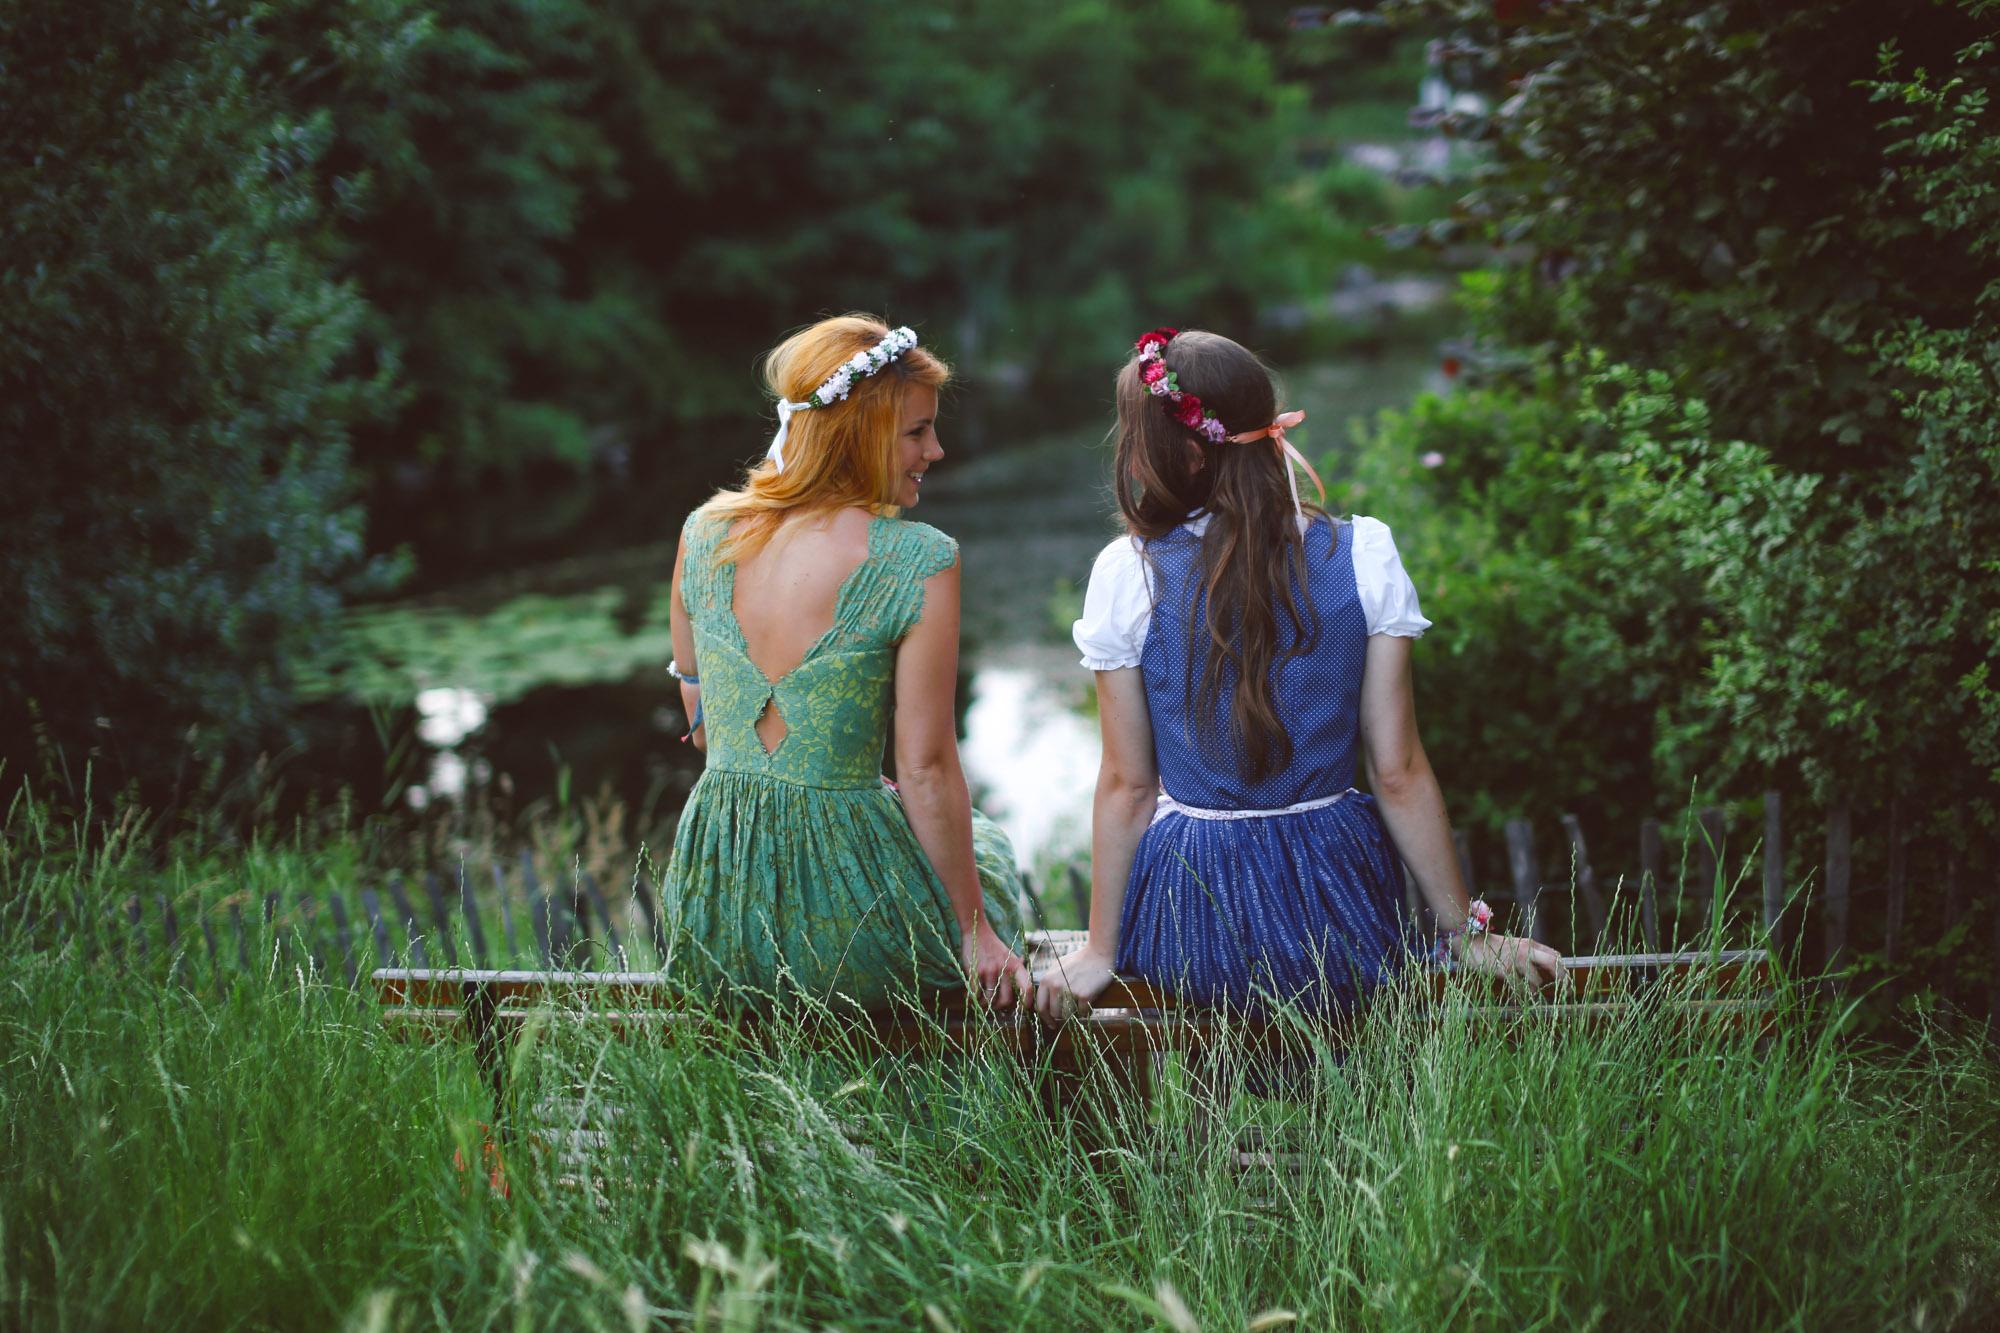 ADA16_Lookbook_We_are_flowergirls_blumenkranz_trachten_flowercrown_(37_von_40)_WEB.jpg